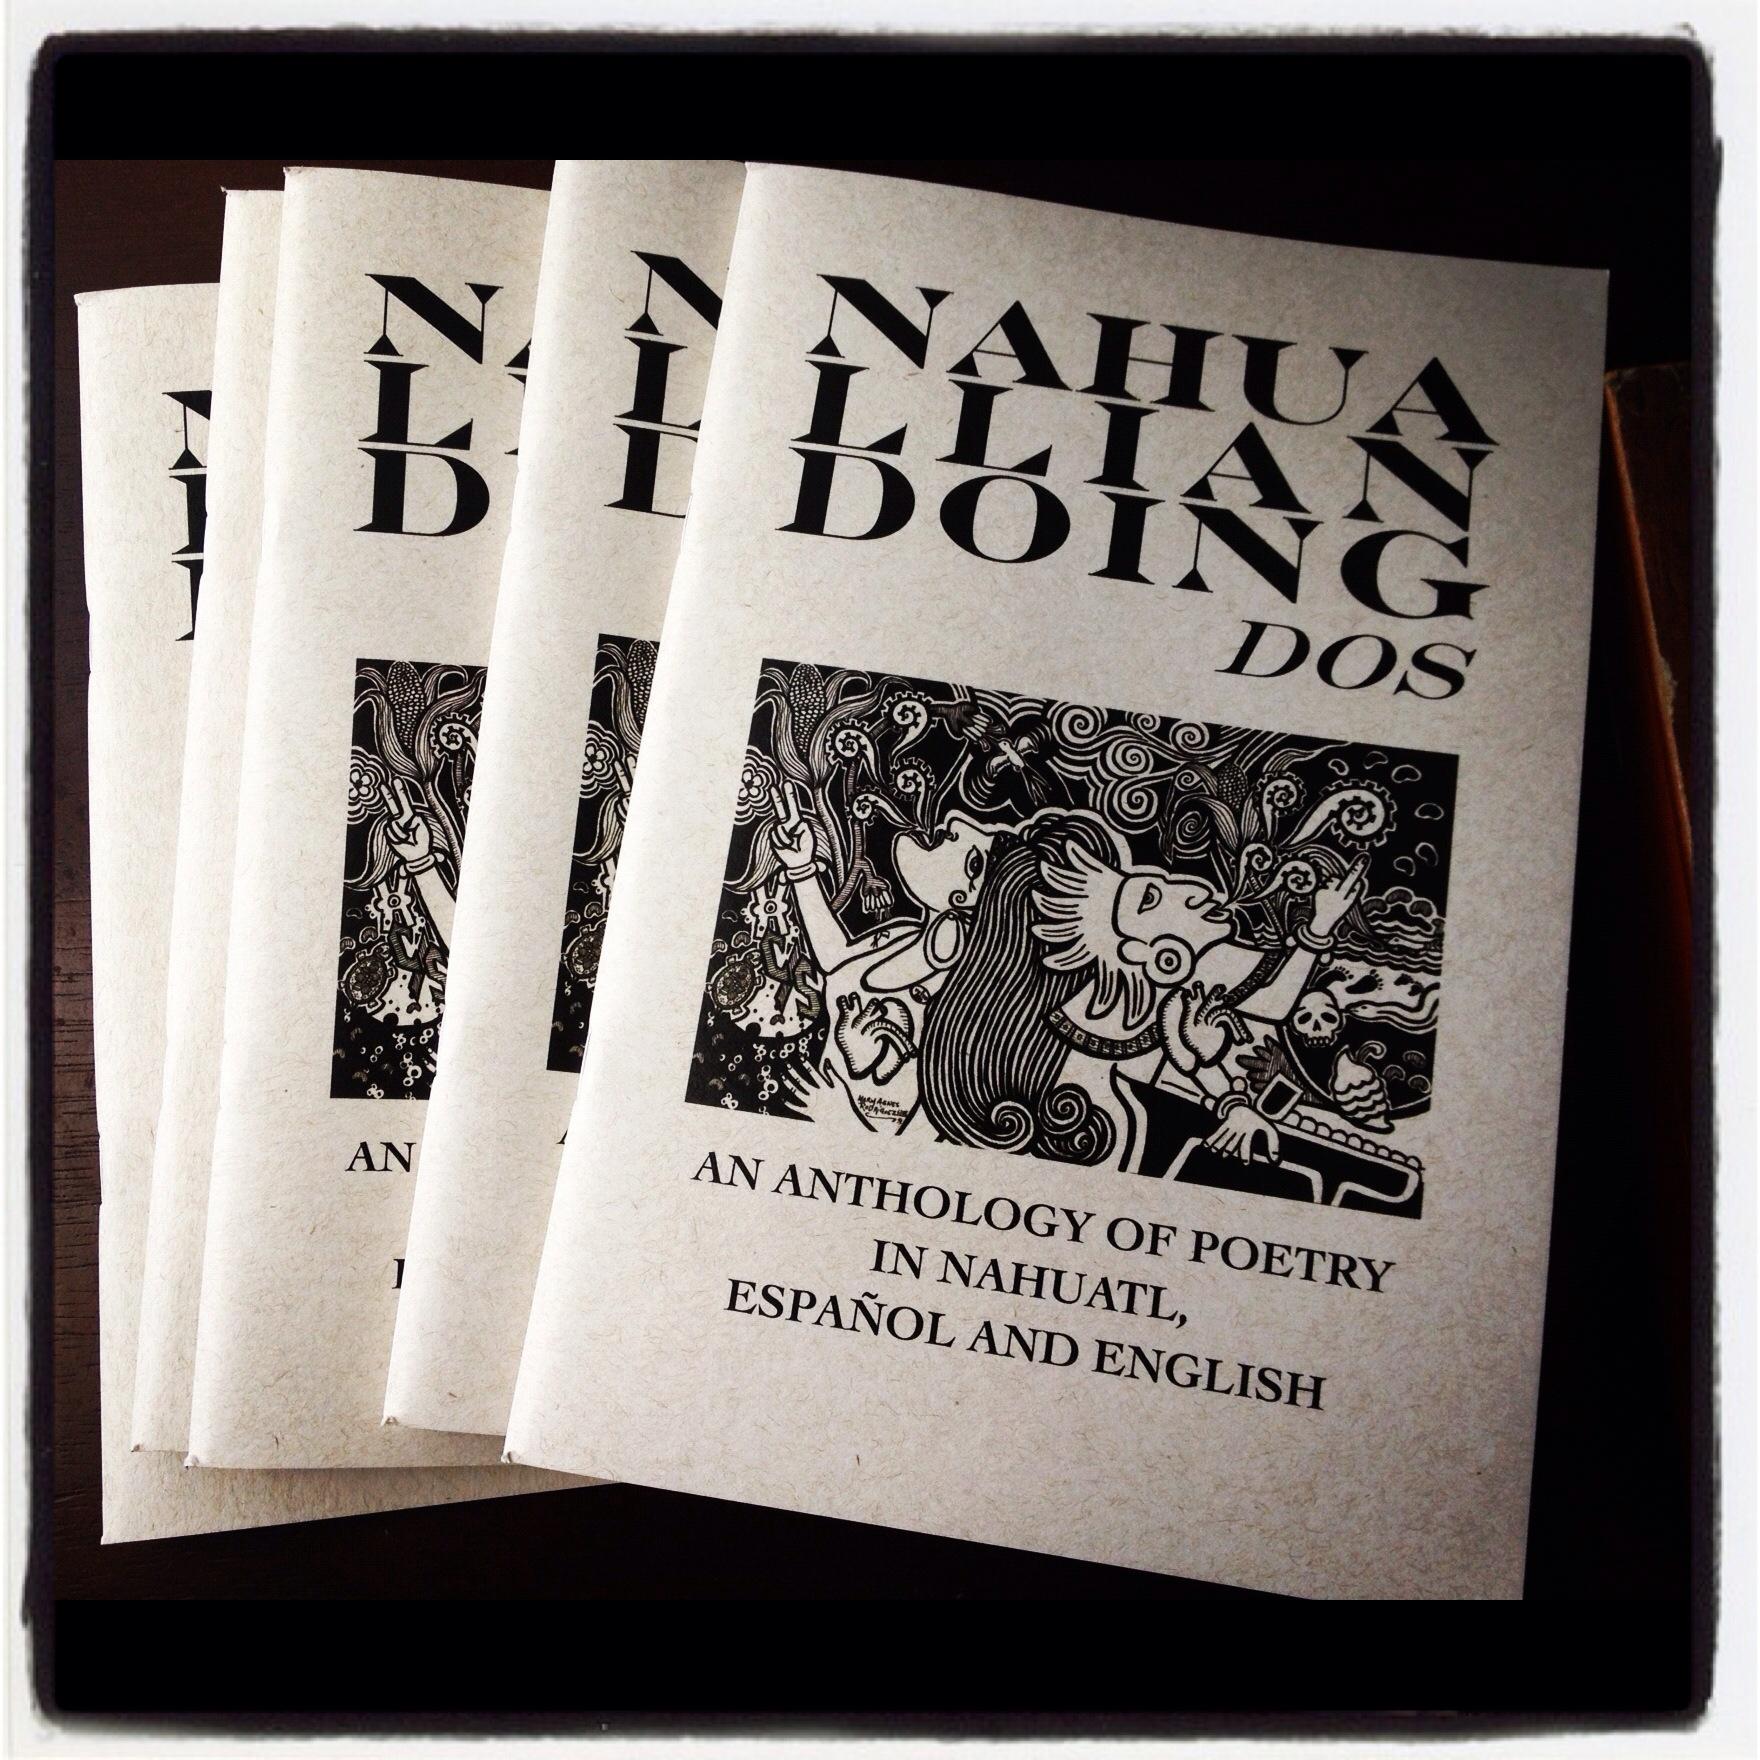 Nahualliandoing Dos: An Anthology in Nahuatl, Español and English